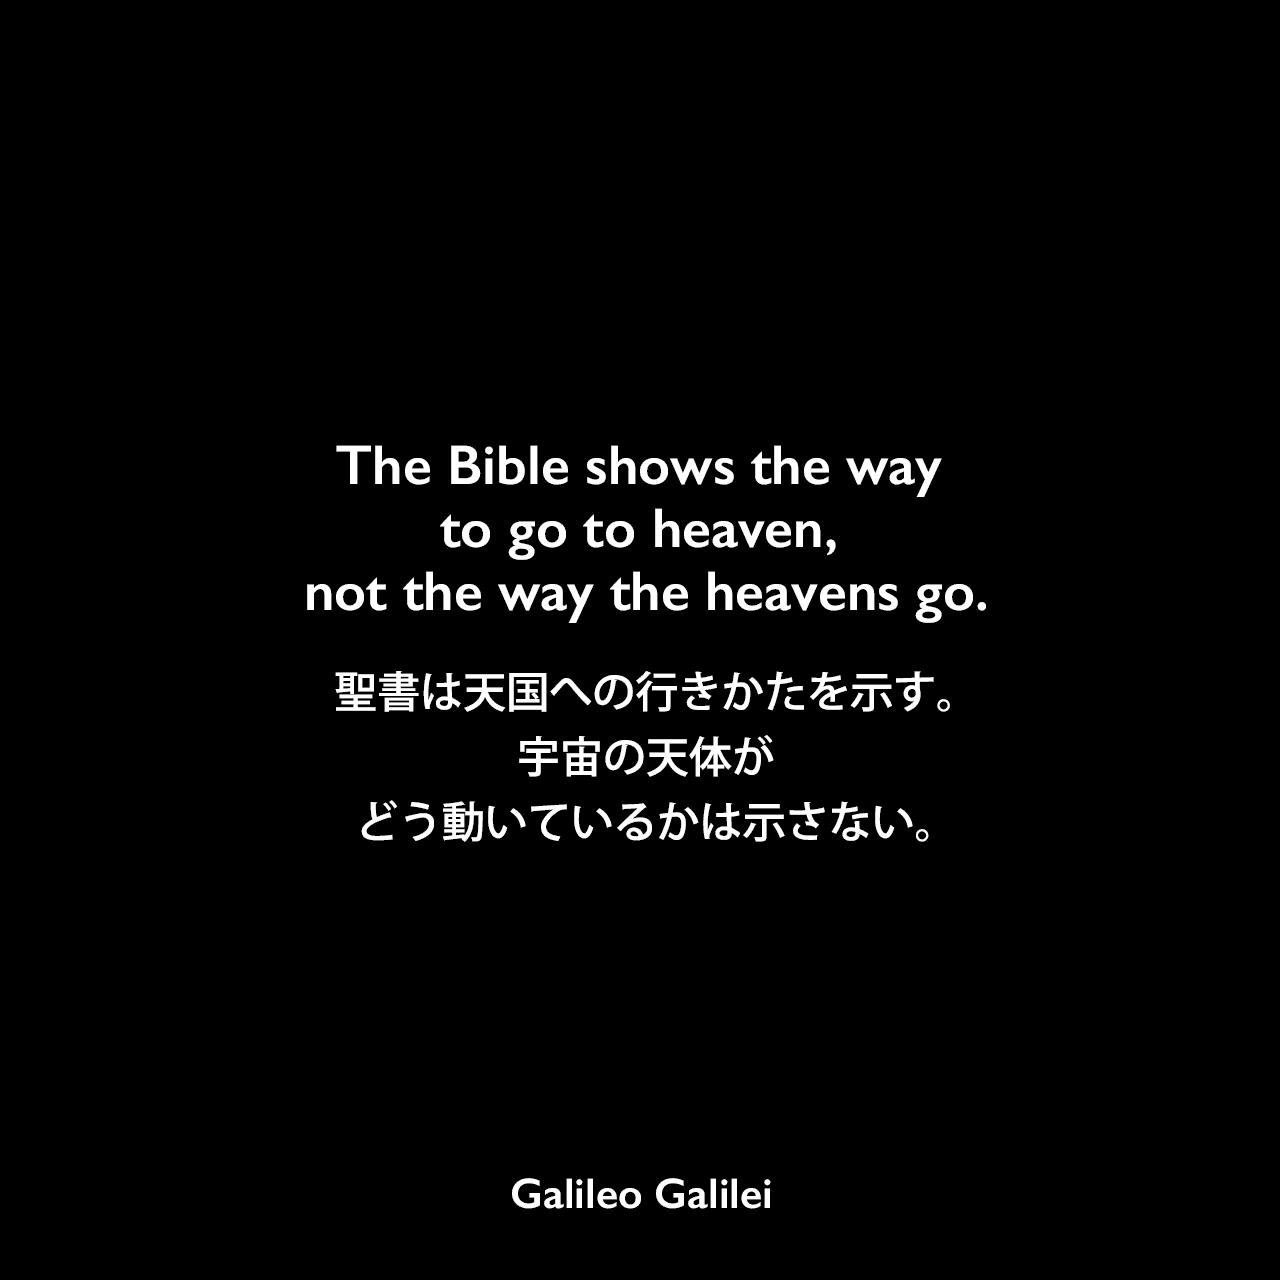 The Bible shows the way to go to heaven, not the way the heavens go.聖書は天国への行きかたを示す。宇宙の天体がどう動いているかは示さない。Galileo Galilei